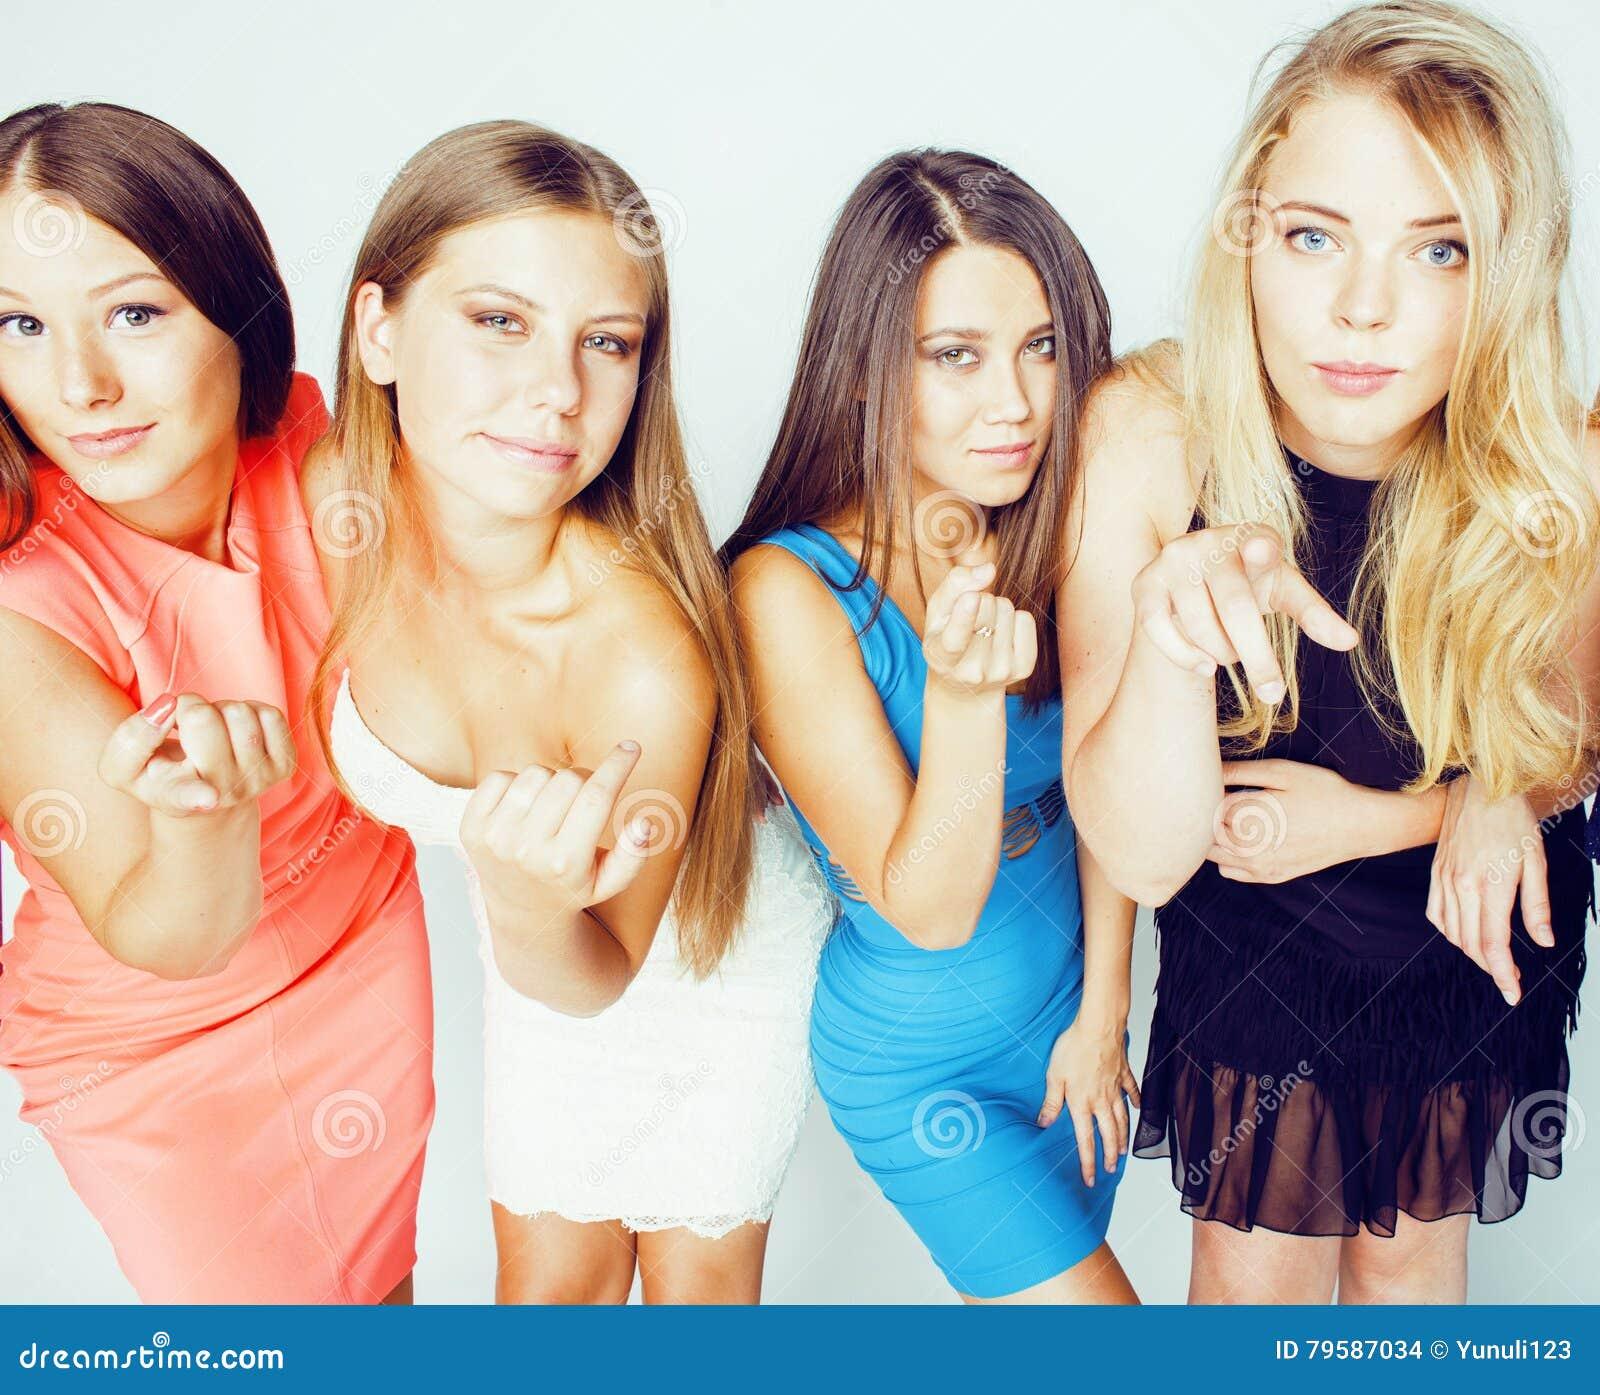 Много девушек вместе фото, горячая попки и лучшие